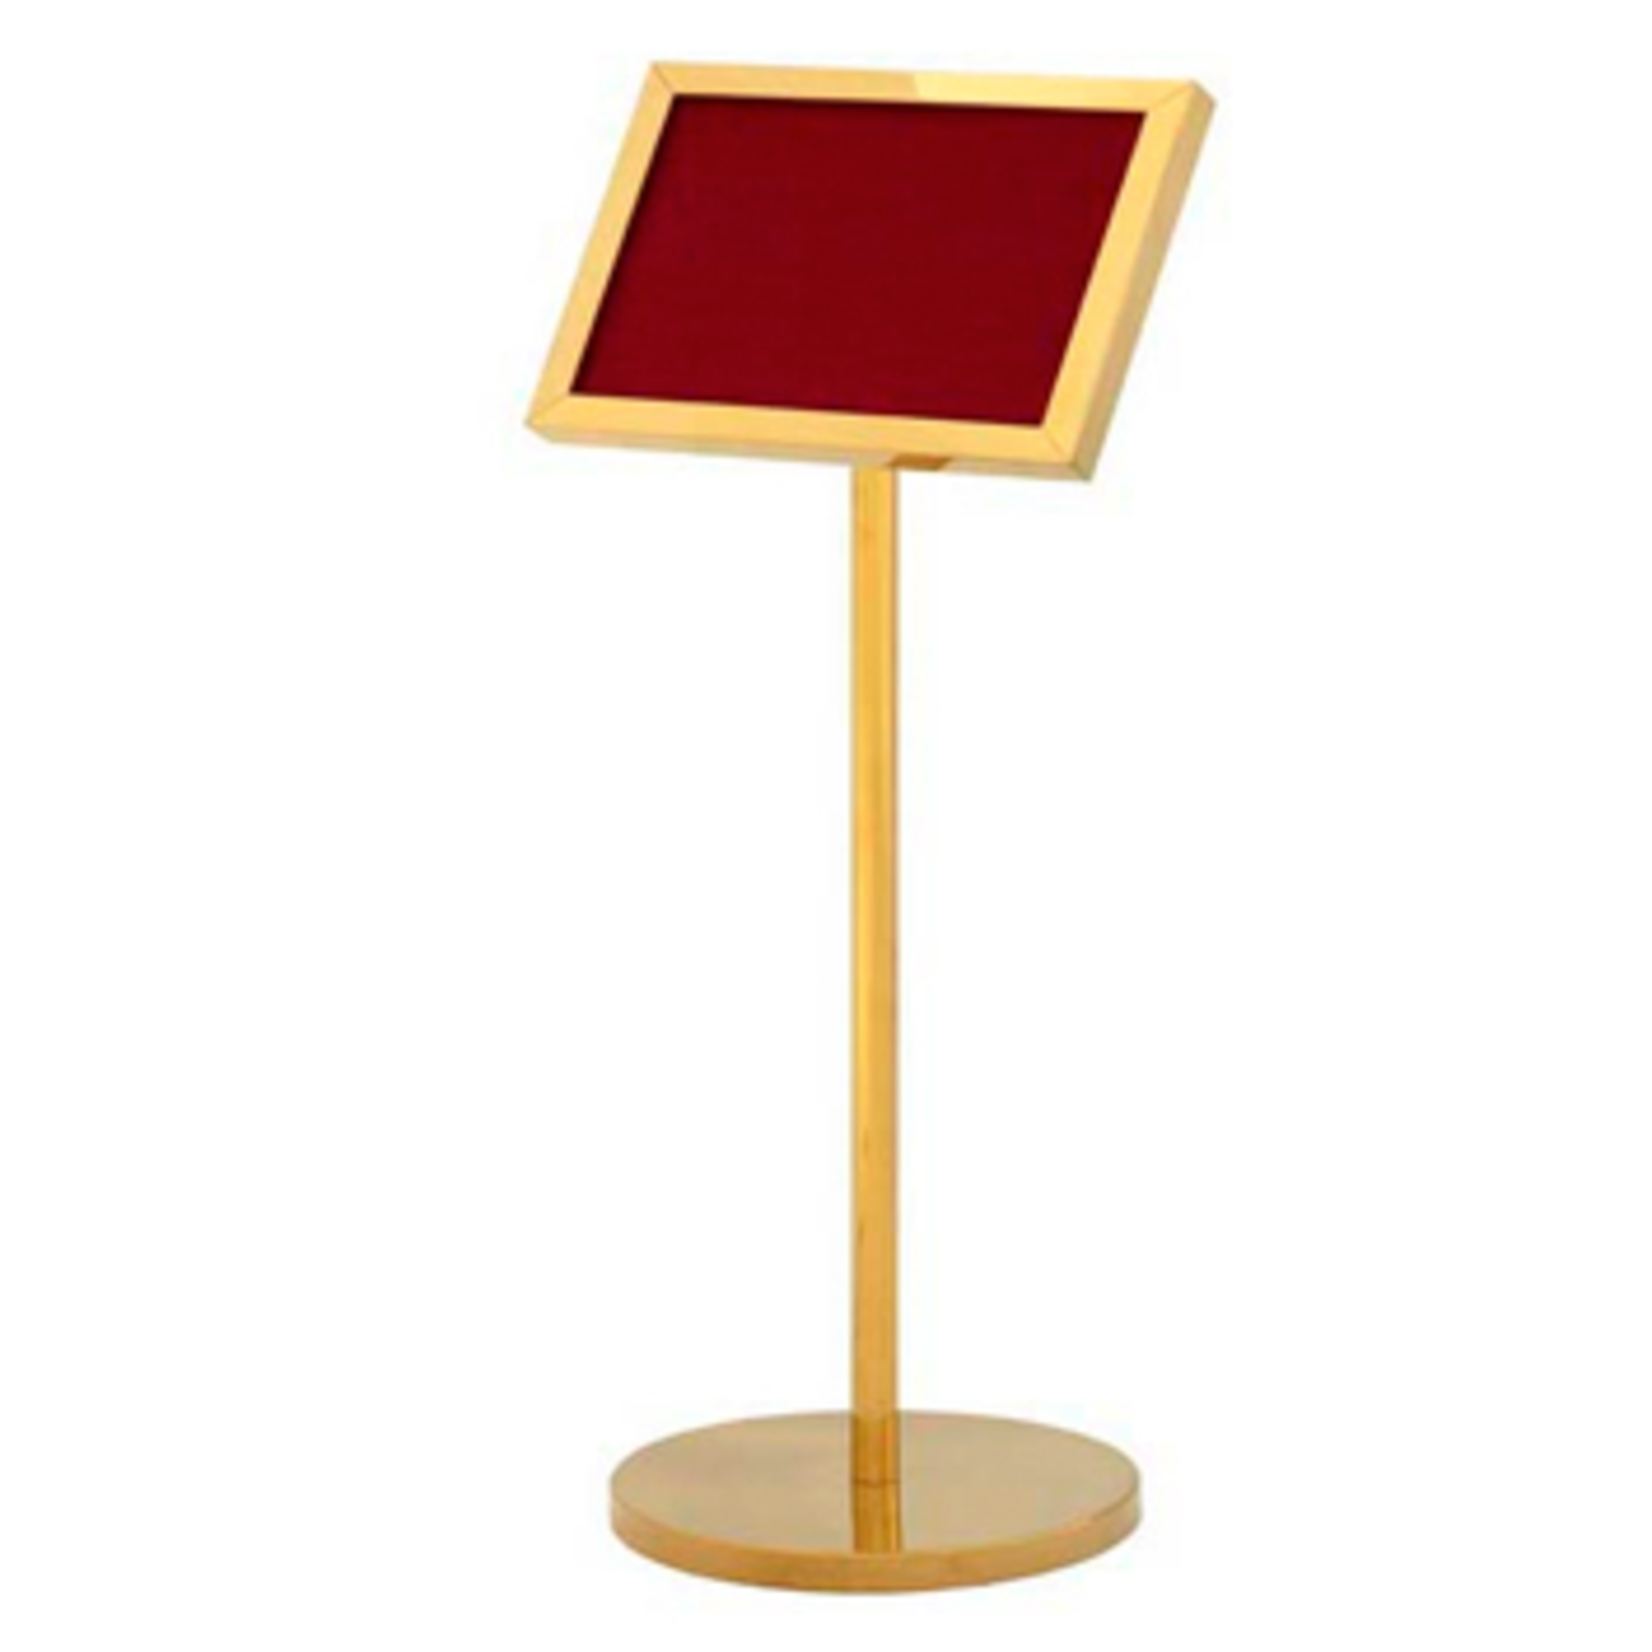 EICHHOLTZ SIGN STAND TITANIUM GOLD